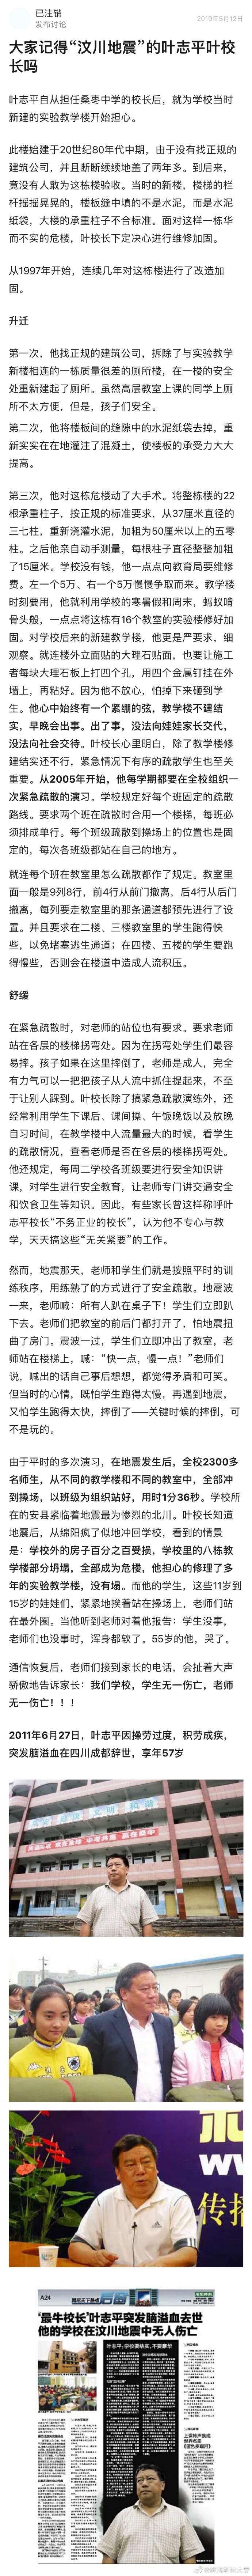 """日刊:健**裁判""""刘太阳""""火了 178的""""刘太阳""""女神范儿惊艳全场 liuliushe.net六六社 第21张"""